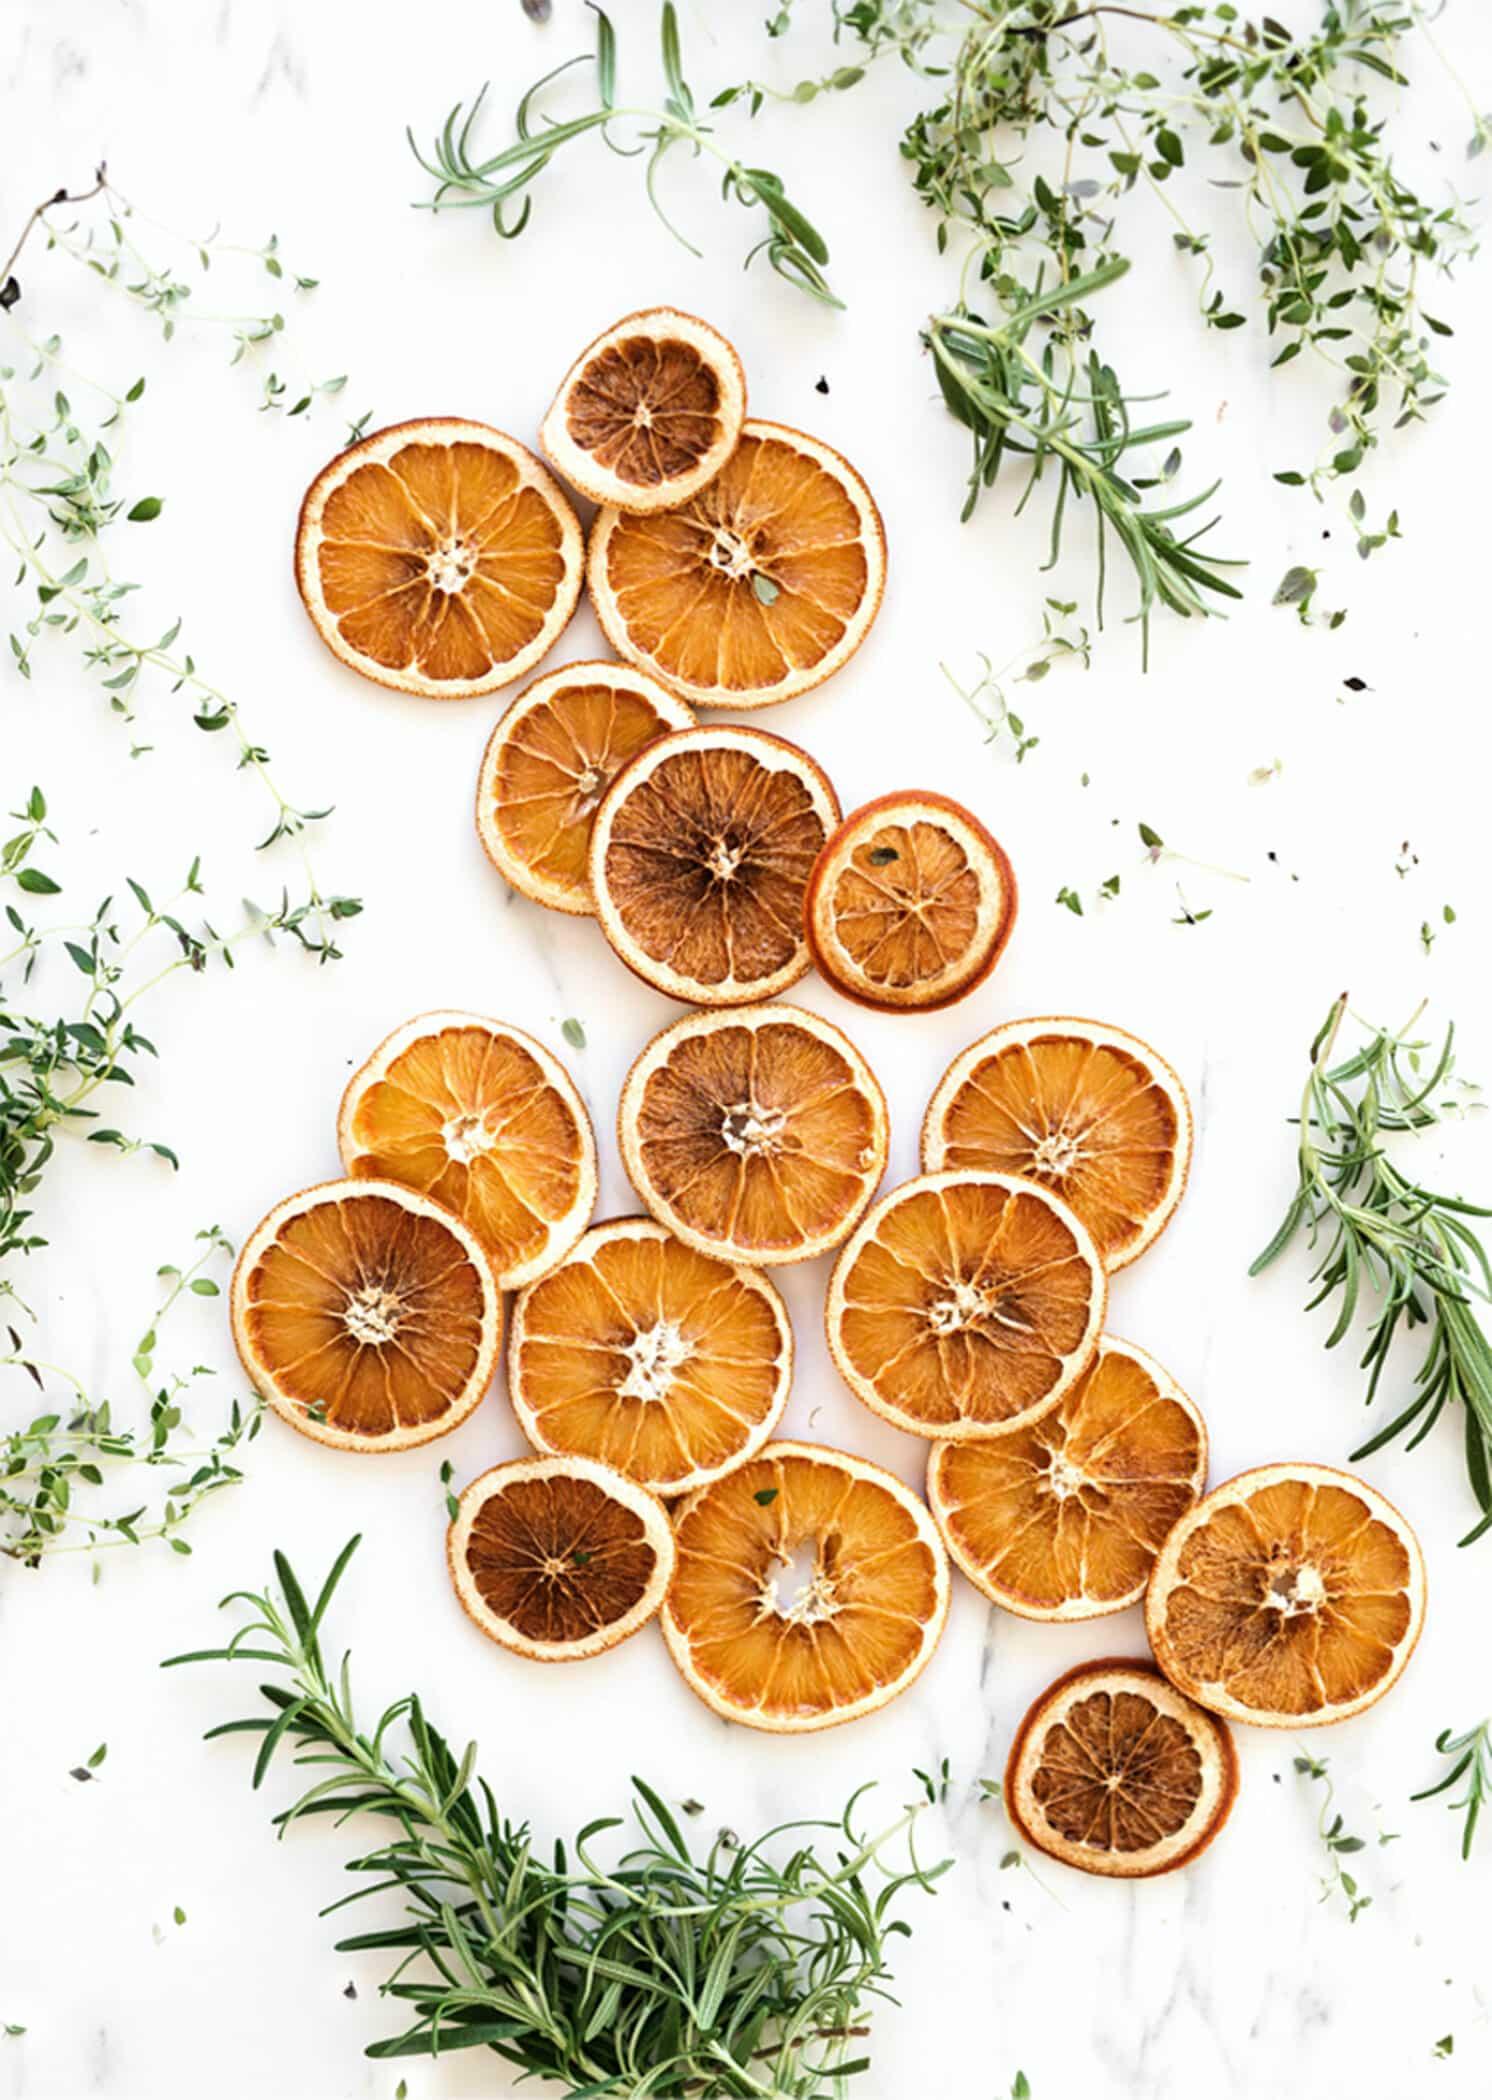 Agrumes et plantes médicinales pour l'aromatisation du Kéfir de fruits